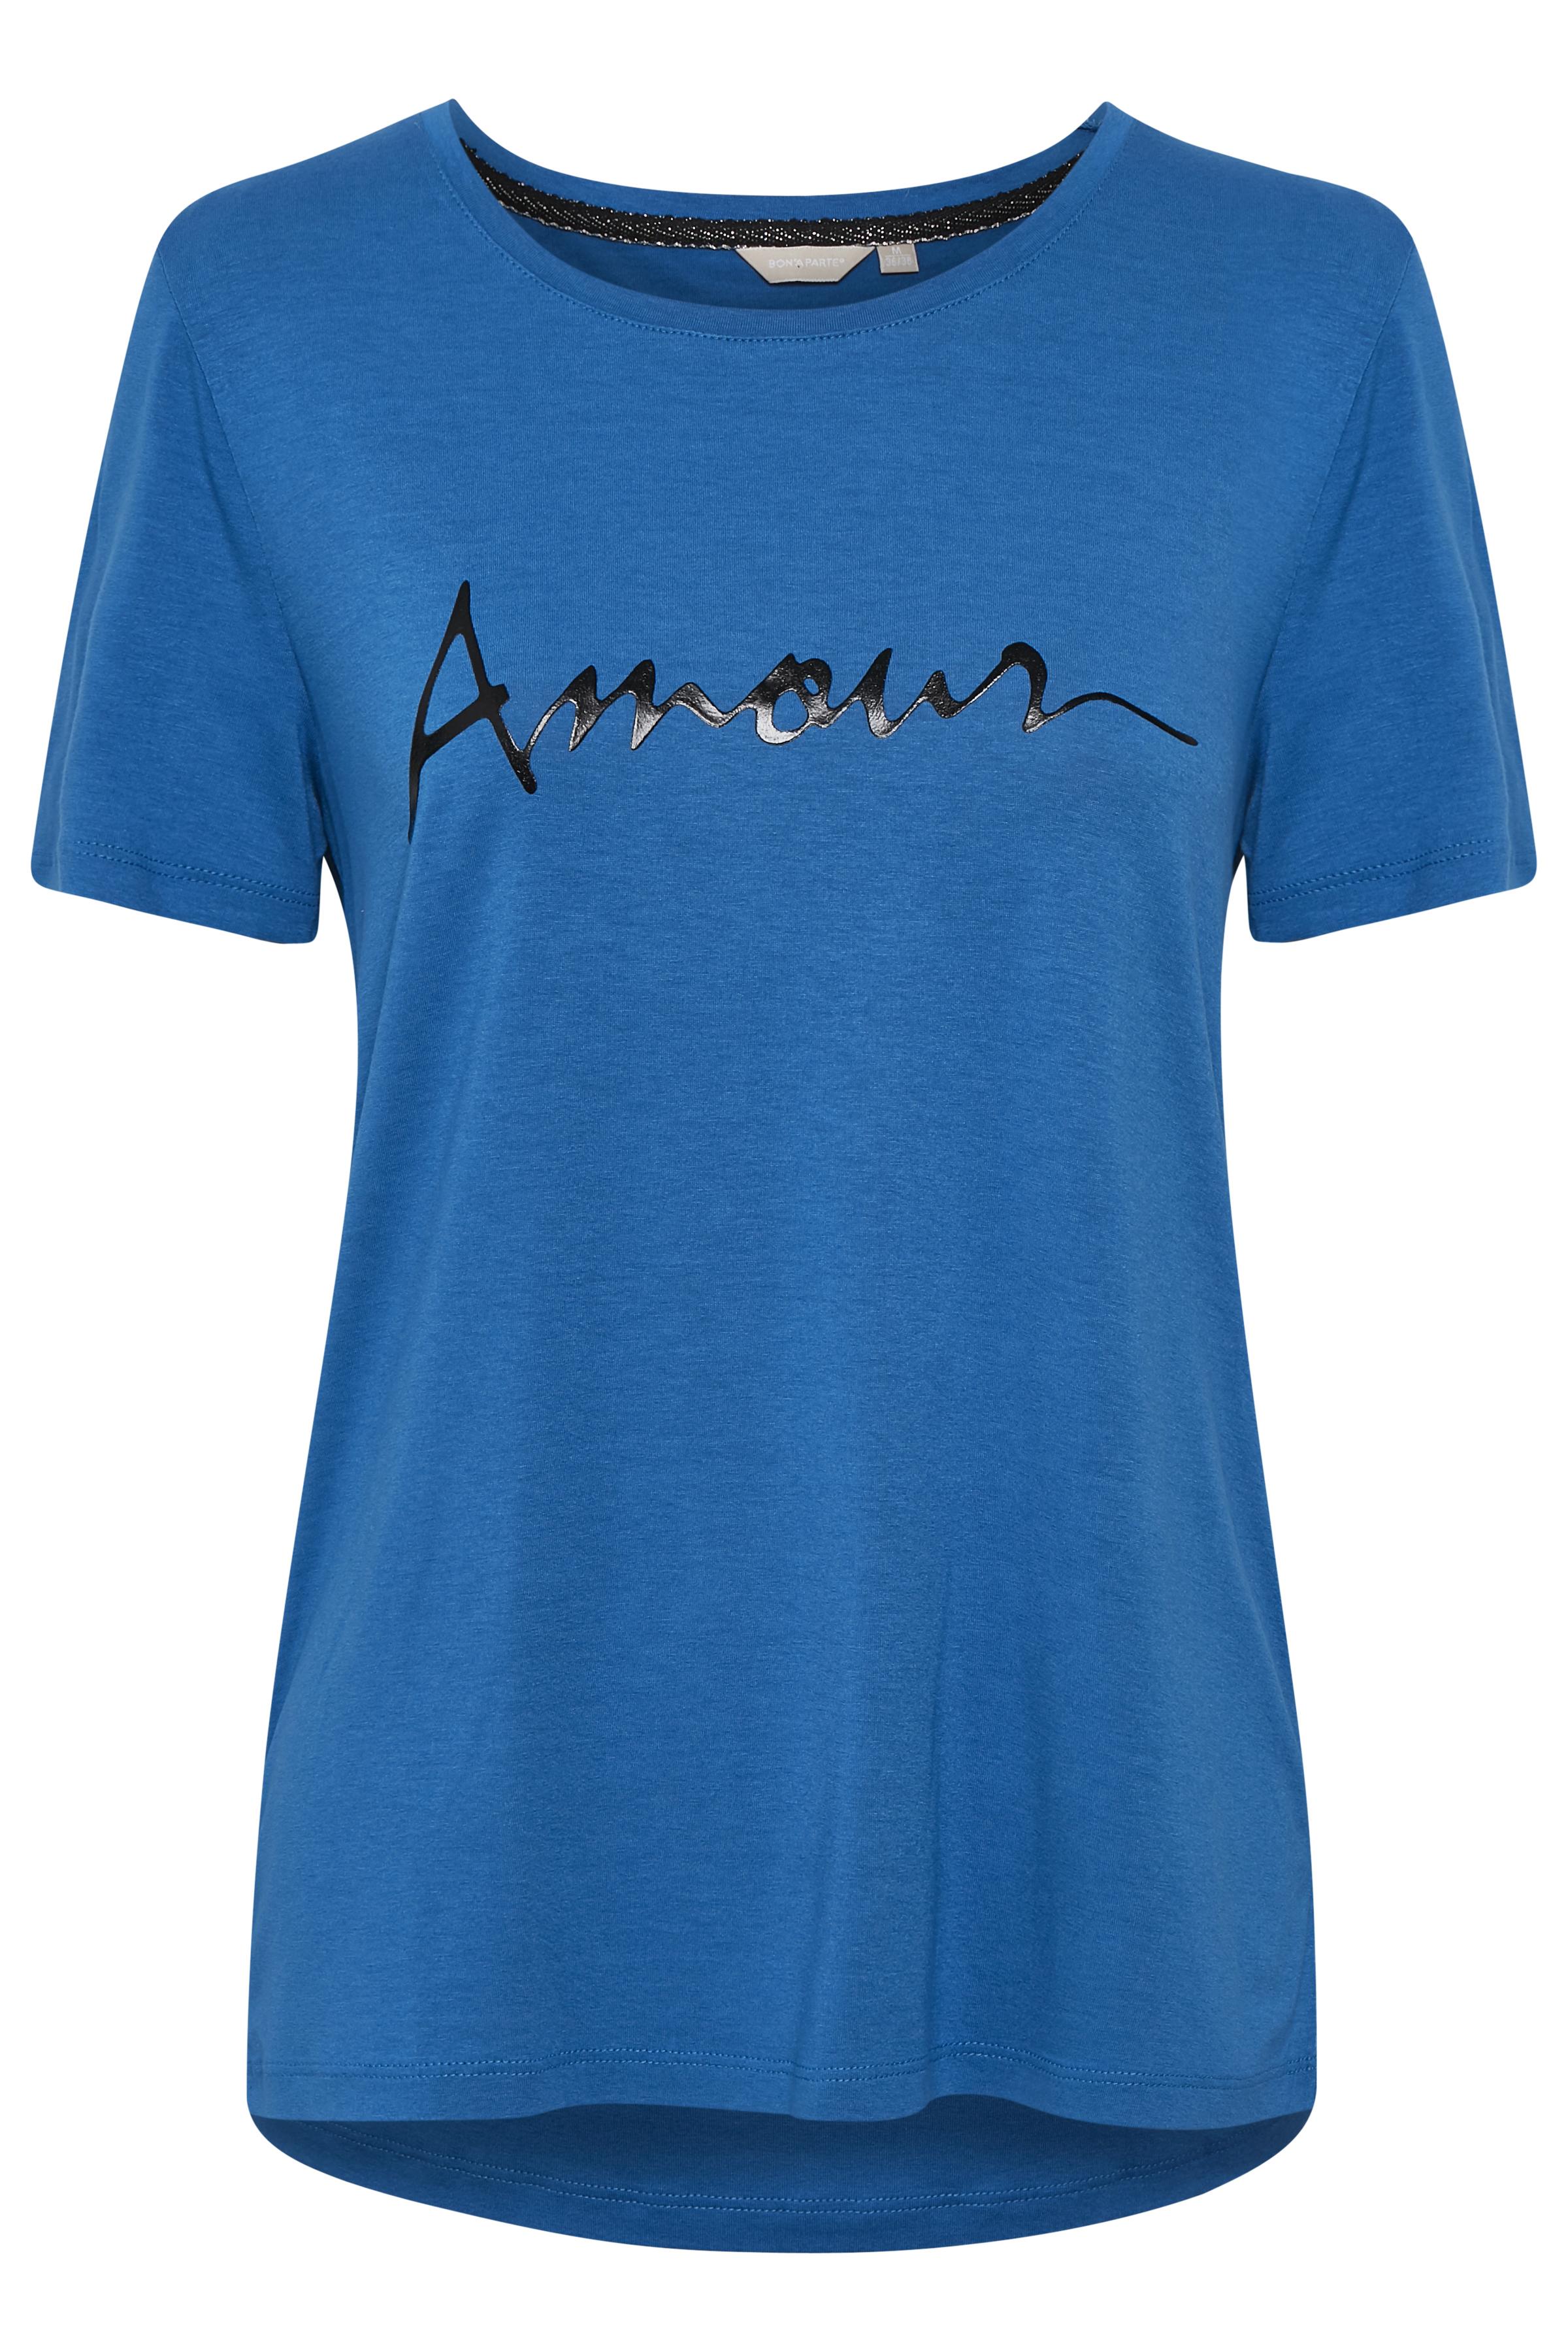 Blau Kurzarm T-Shirt von Bon'A Parte – Shoppen Sie Blau Kurzarm T-Shirt ab Gr. S-2XL hier